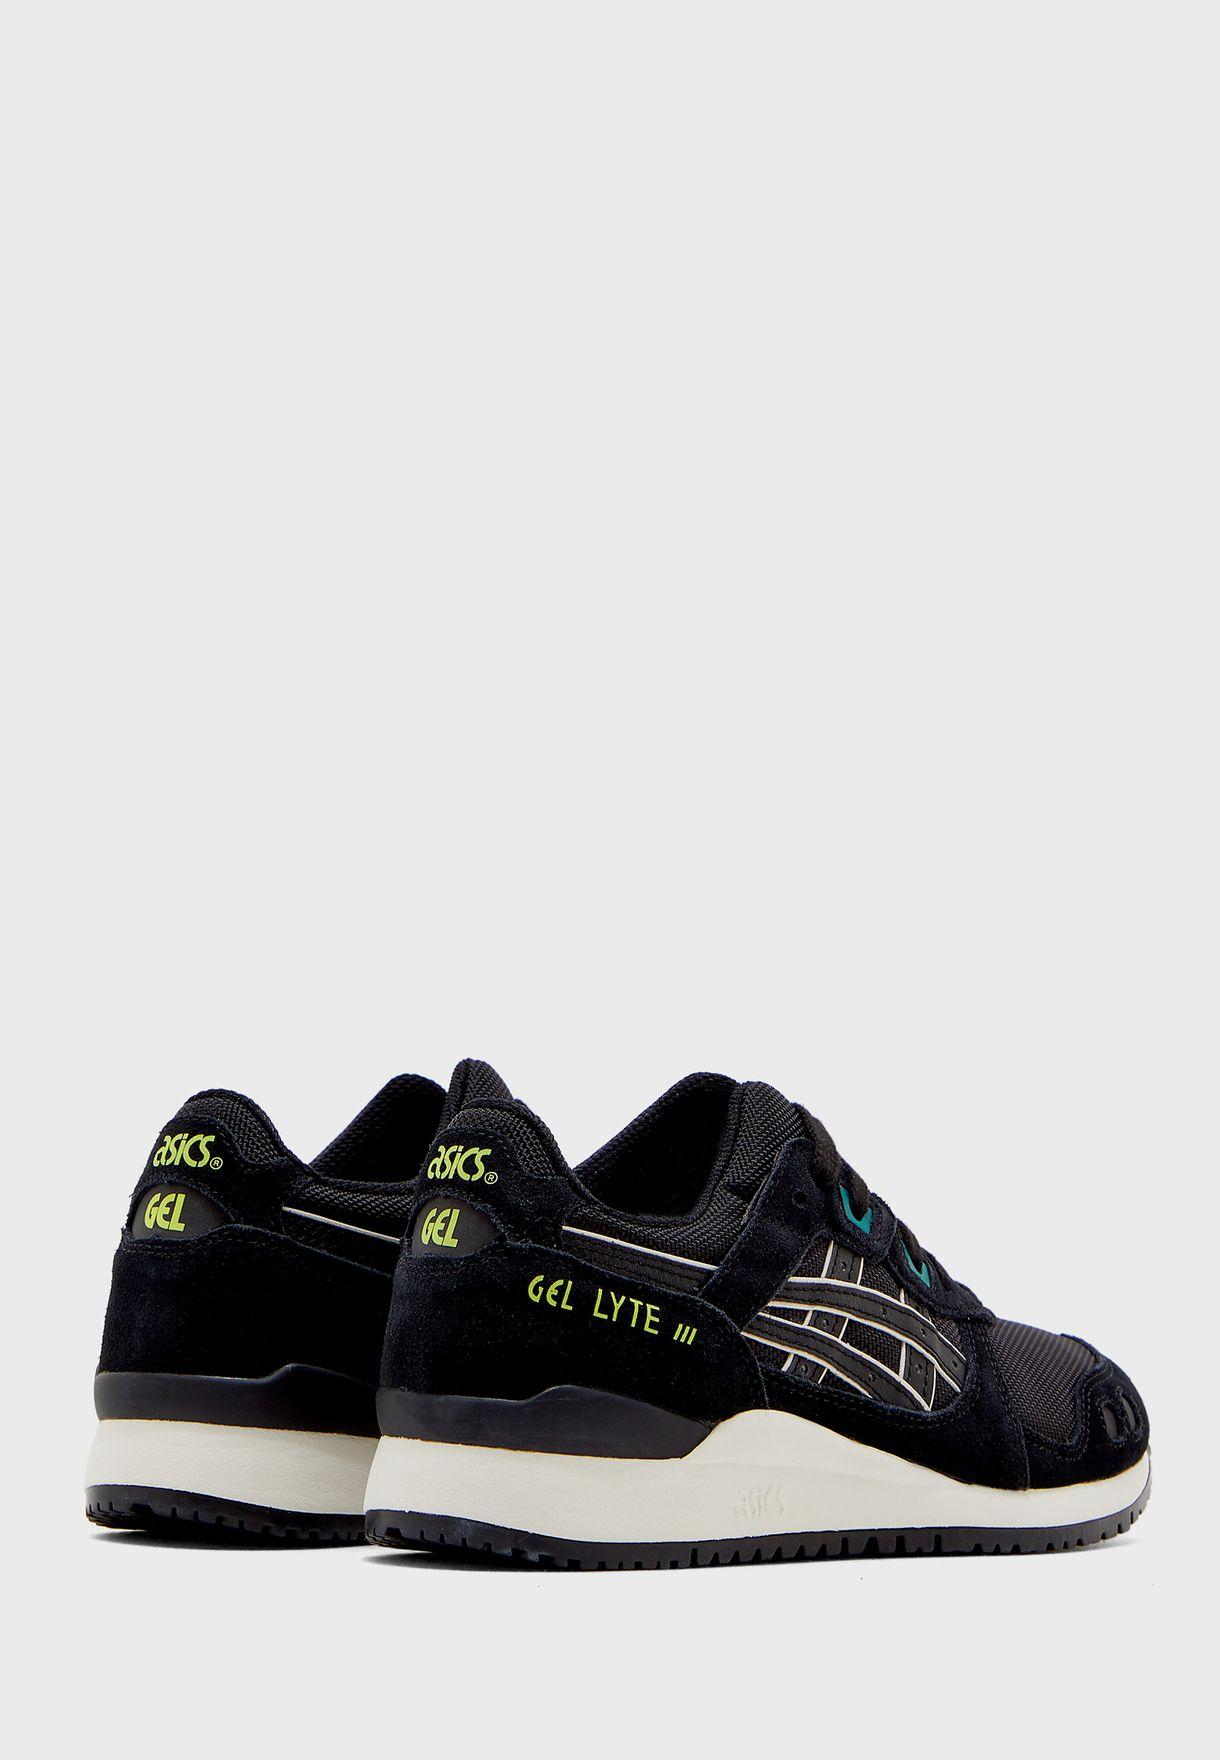 حذاء جيل - لايت او جي